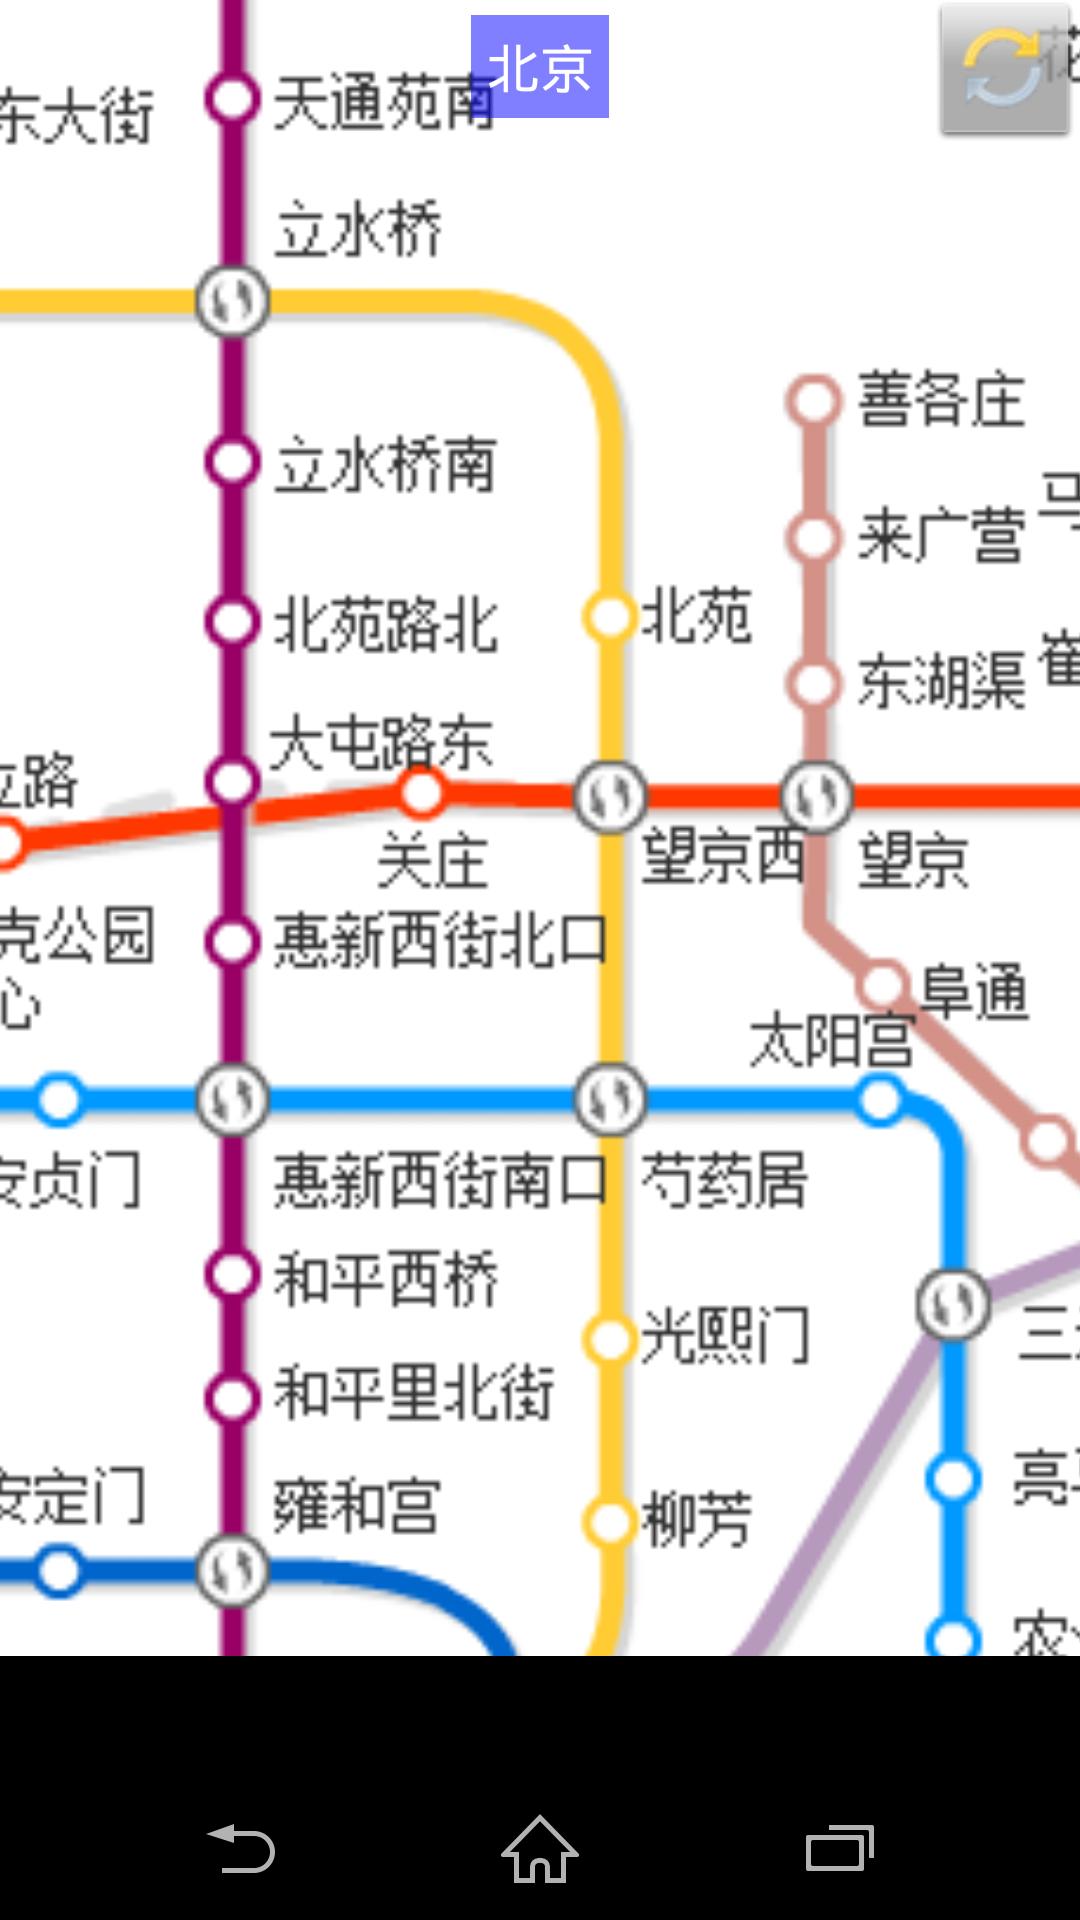 长春,大连,佛山,杭州,苏州,西安,香港,台北地铁高清图,  国外地铁地图图片